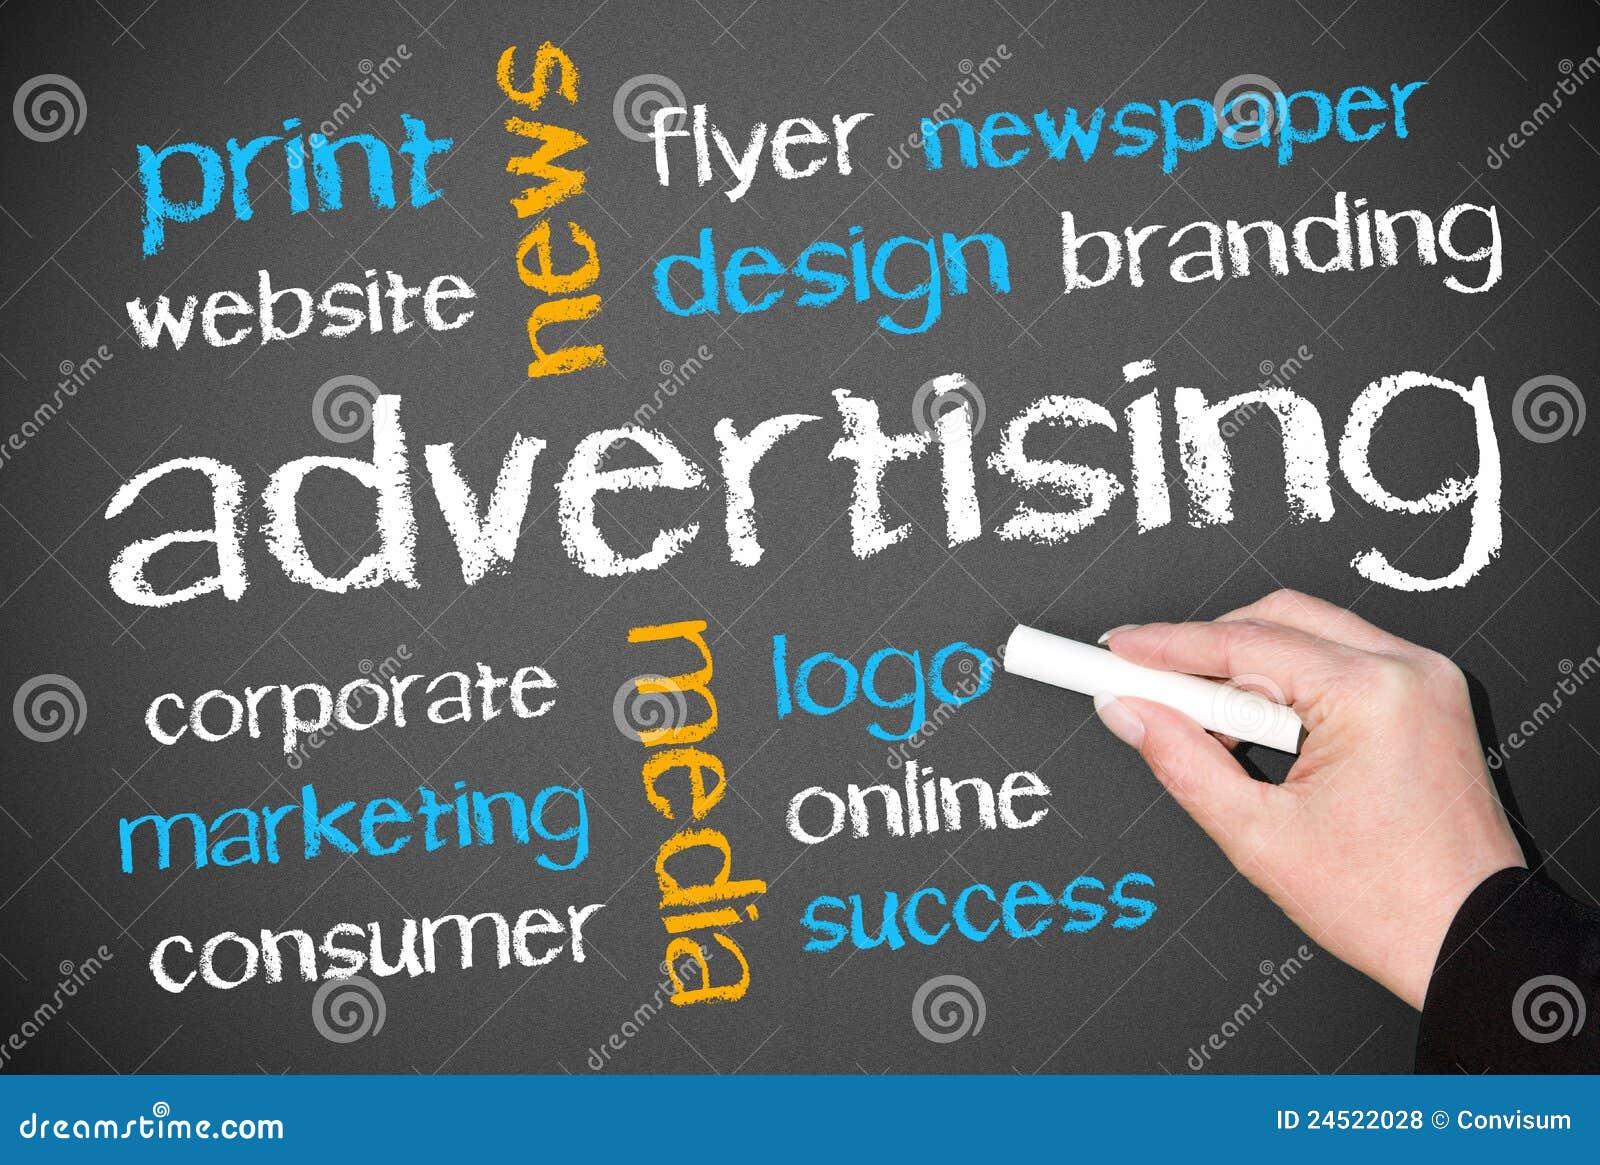 Publicidad: métodos y características